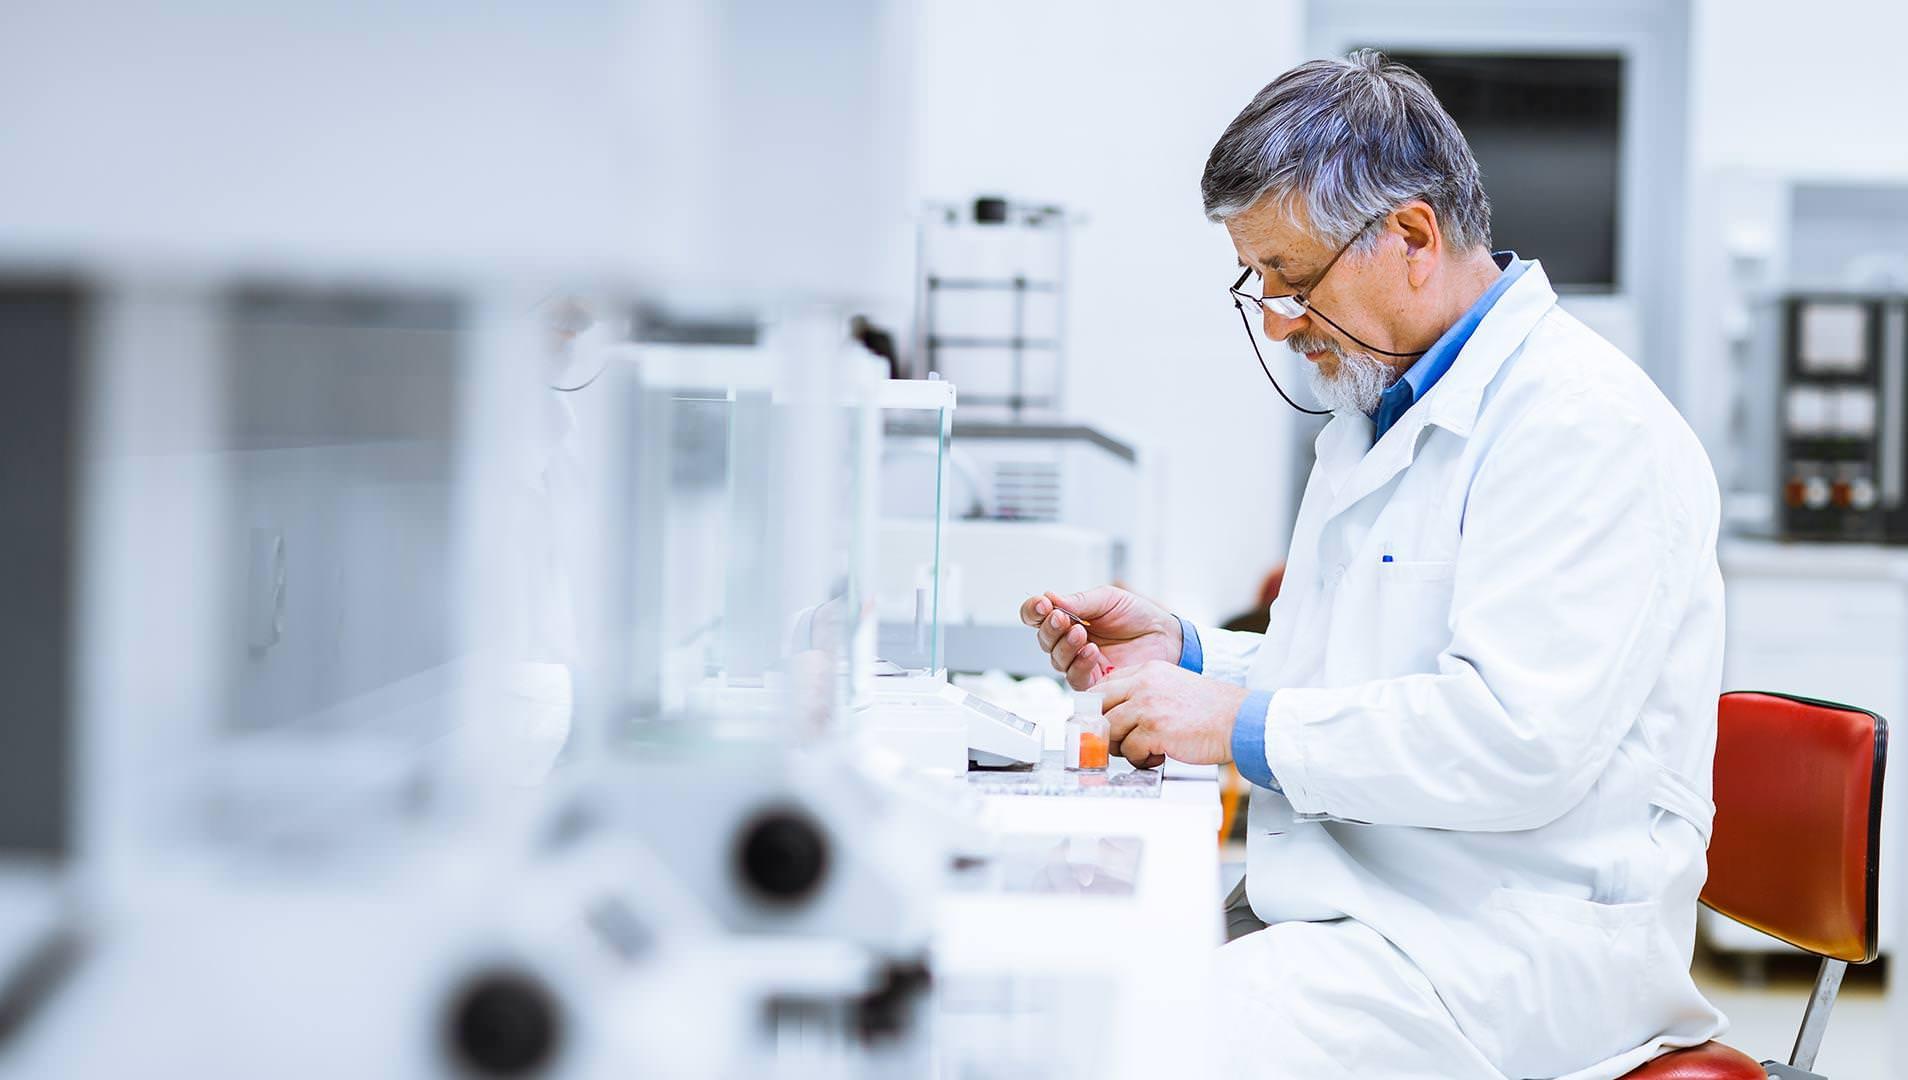 scientificresearch 29824805 cropped - Bolsas para pesquisas científicas não terão verbas em 2019